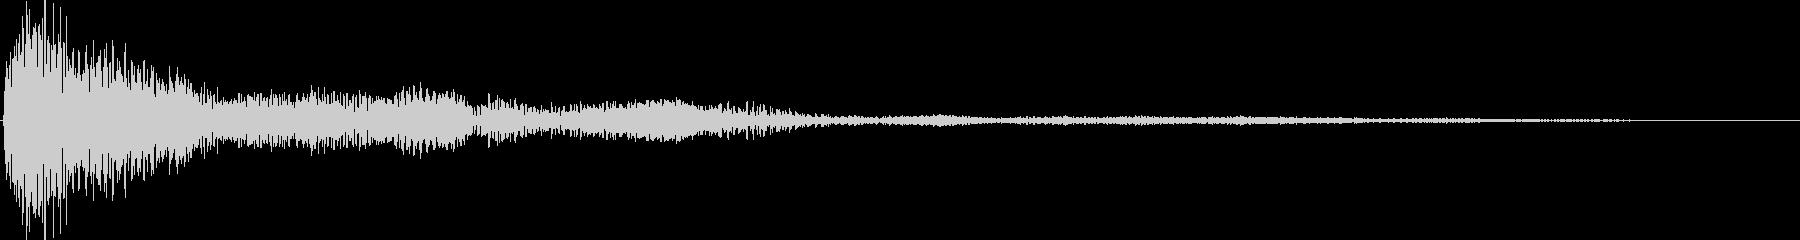 シネマティック サウンドロゴ ホーンの未再生の波形